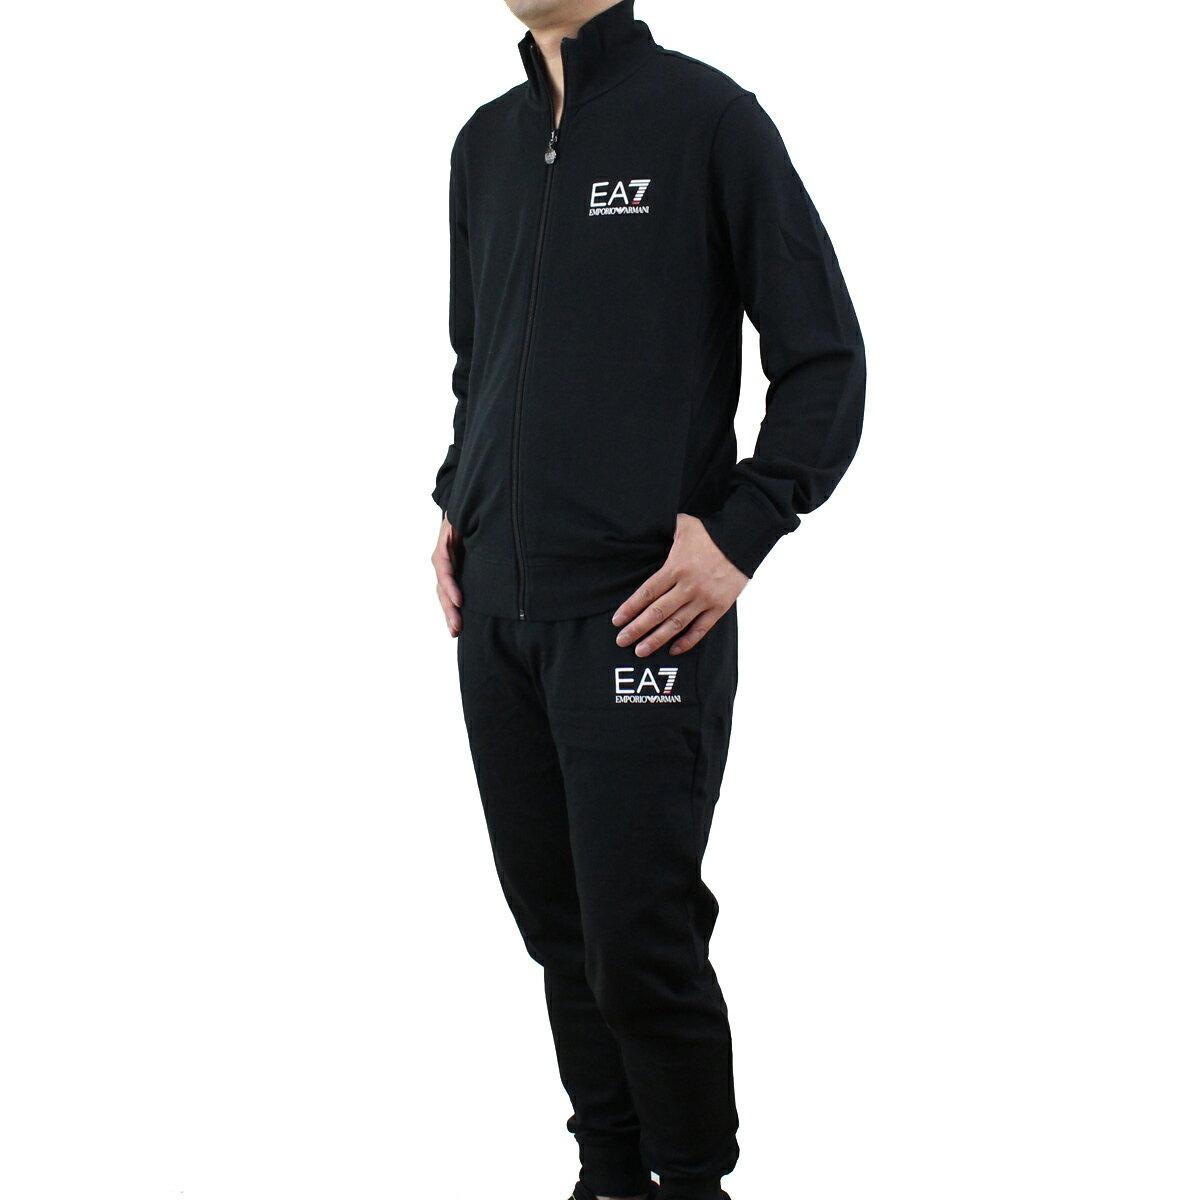 イーエーセブン EA7 メンズ トラックジャケット セットアップ 3YPV54 PJ05Z 1200 BLACK ブラック エンポリオ アルマーニ スポーツライン 【メンズ】